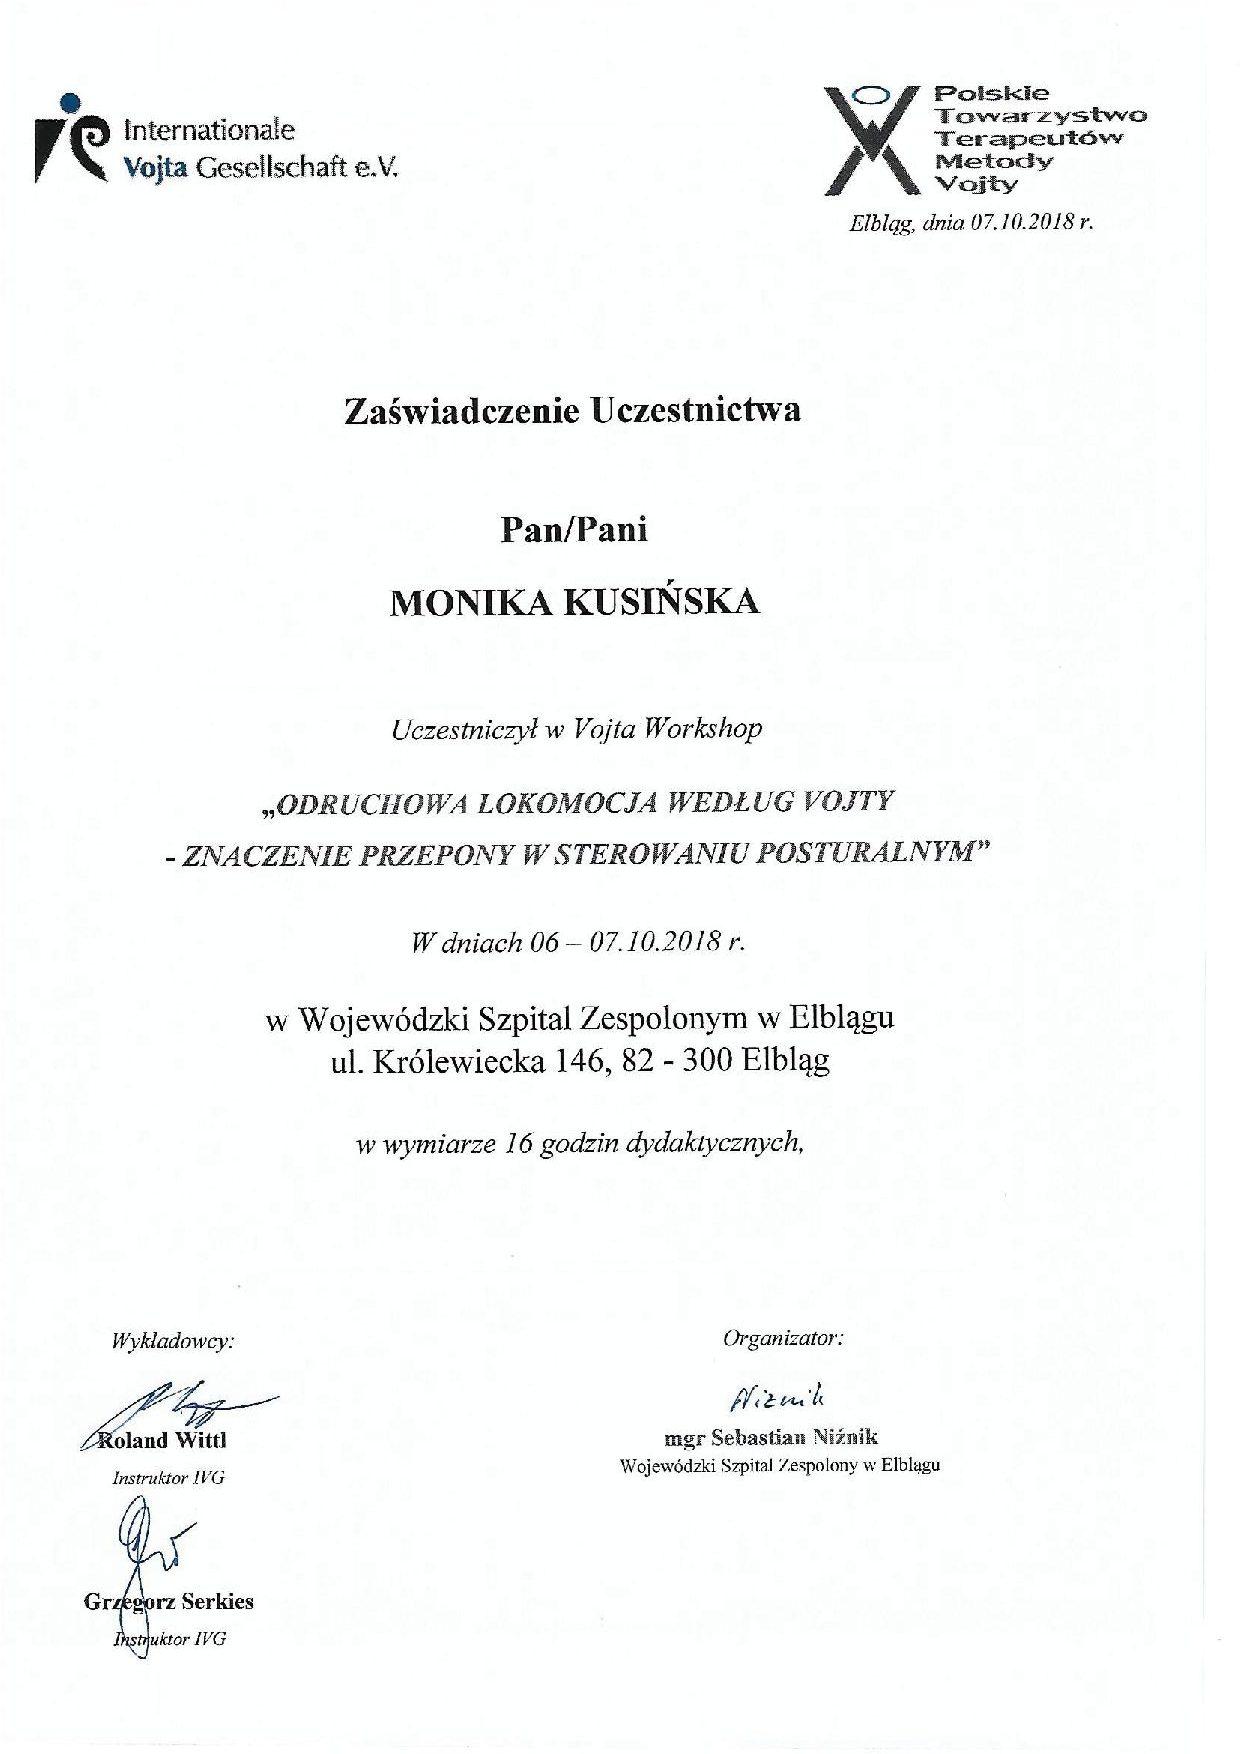 Polskie Towarzystwo Teraupetów Metody Vojty